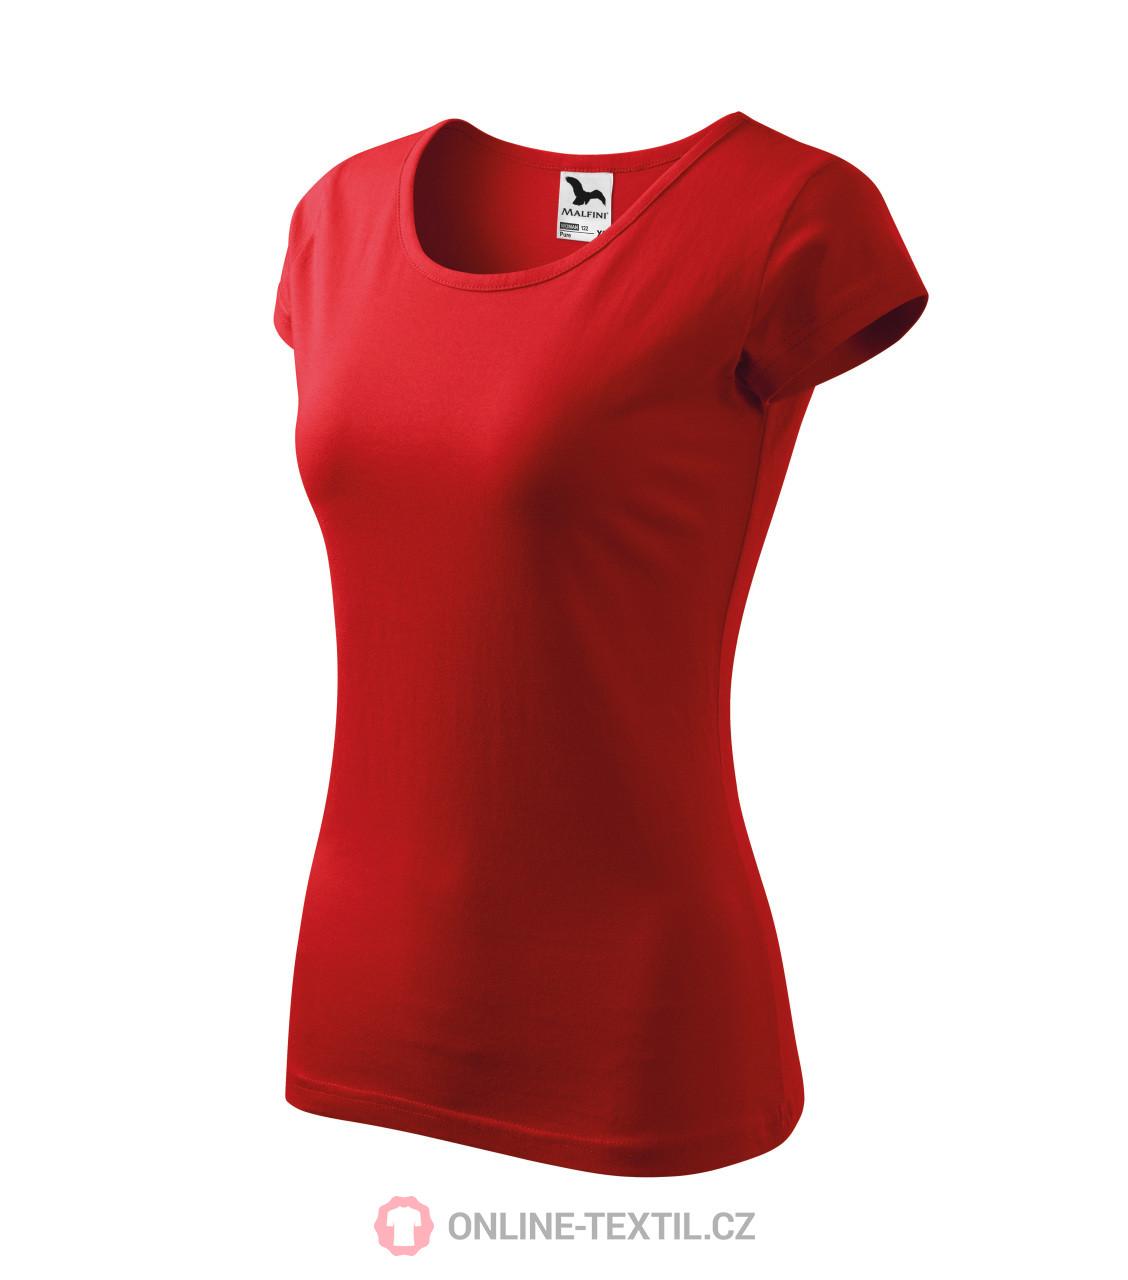 4fb74cfbc3cb7 ADLER CZECH Tričká dámske Pure 122 - červená z kolekcie MALFINI ...